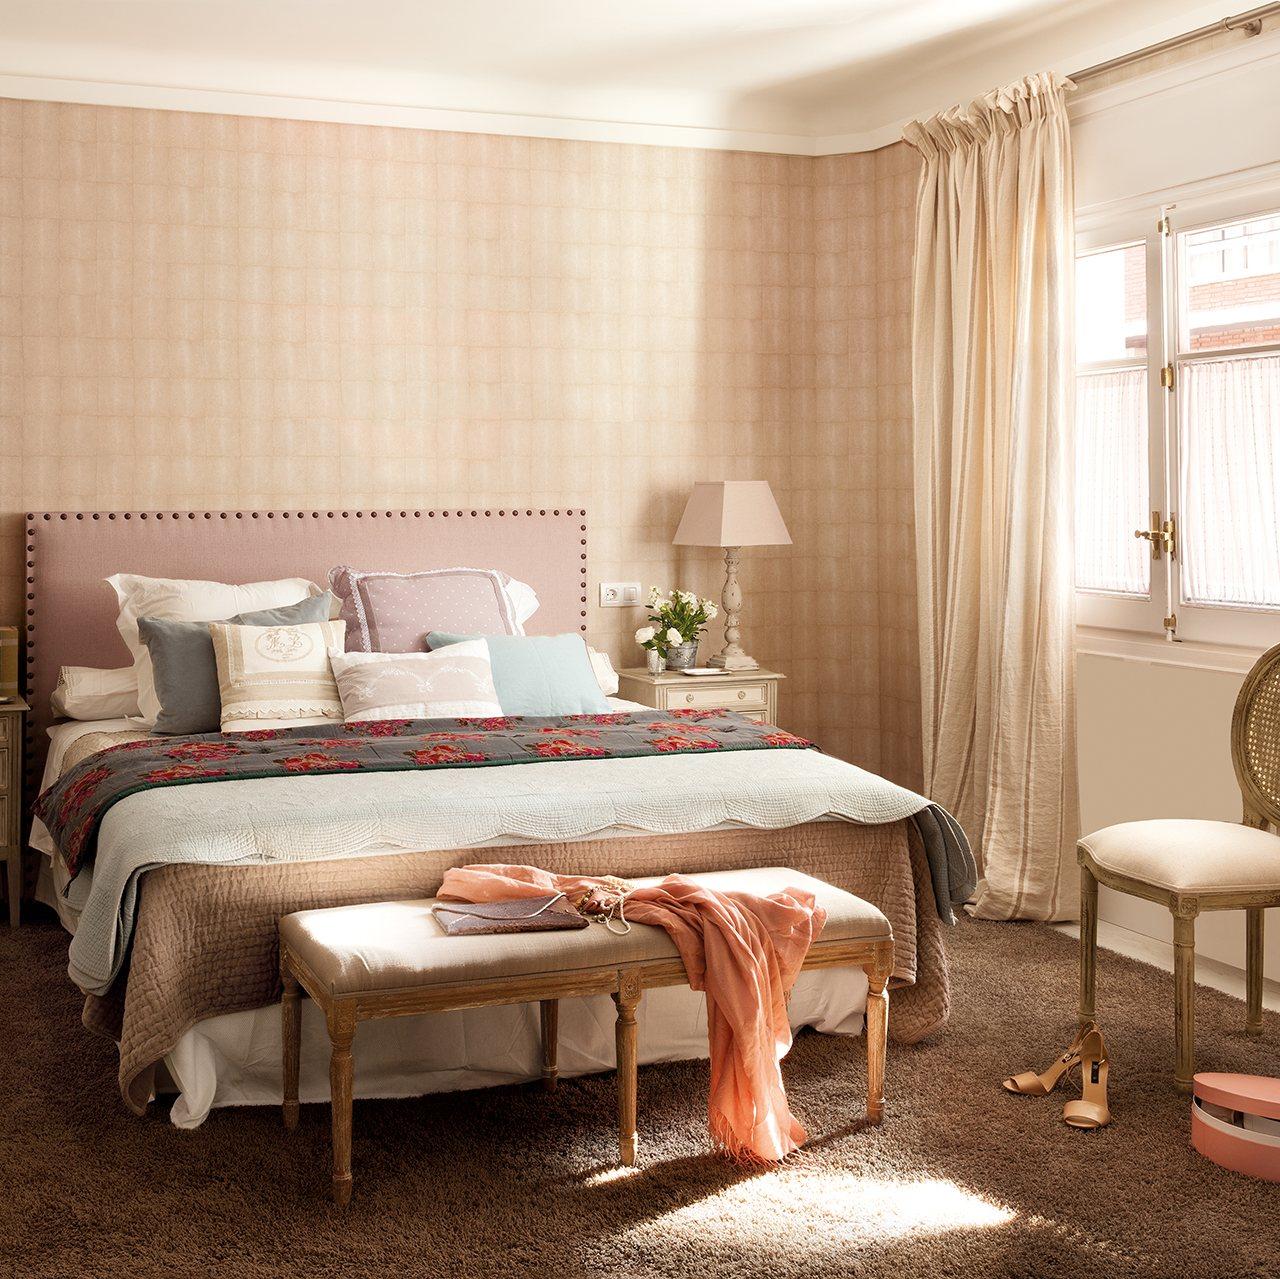 Casa de madrid reformada y decorada con papel pintado for Papel pintado dormitorio principal